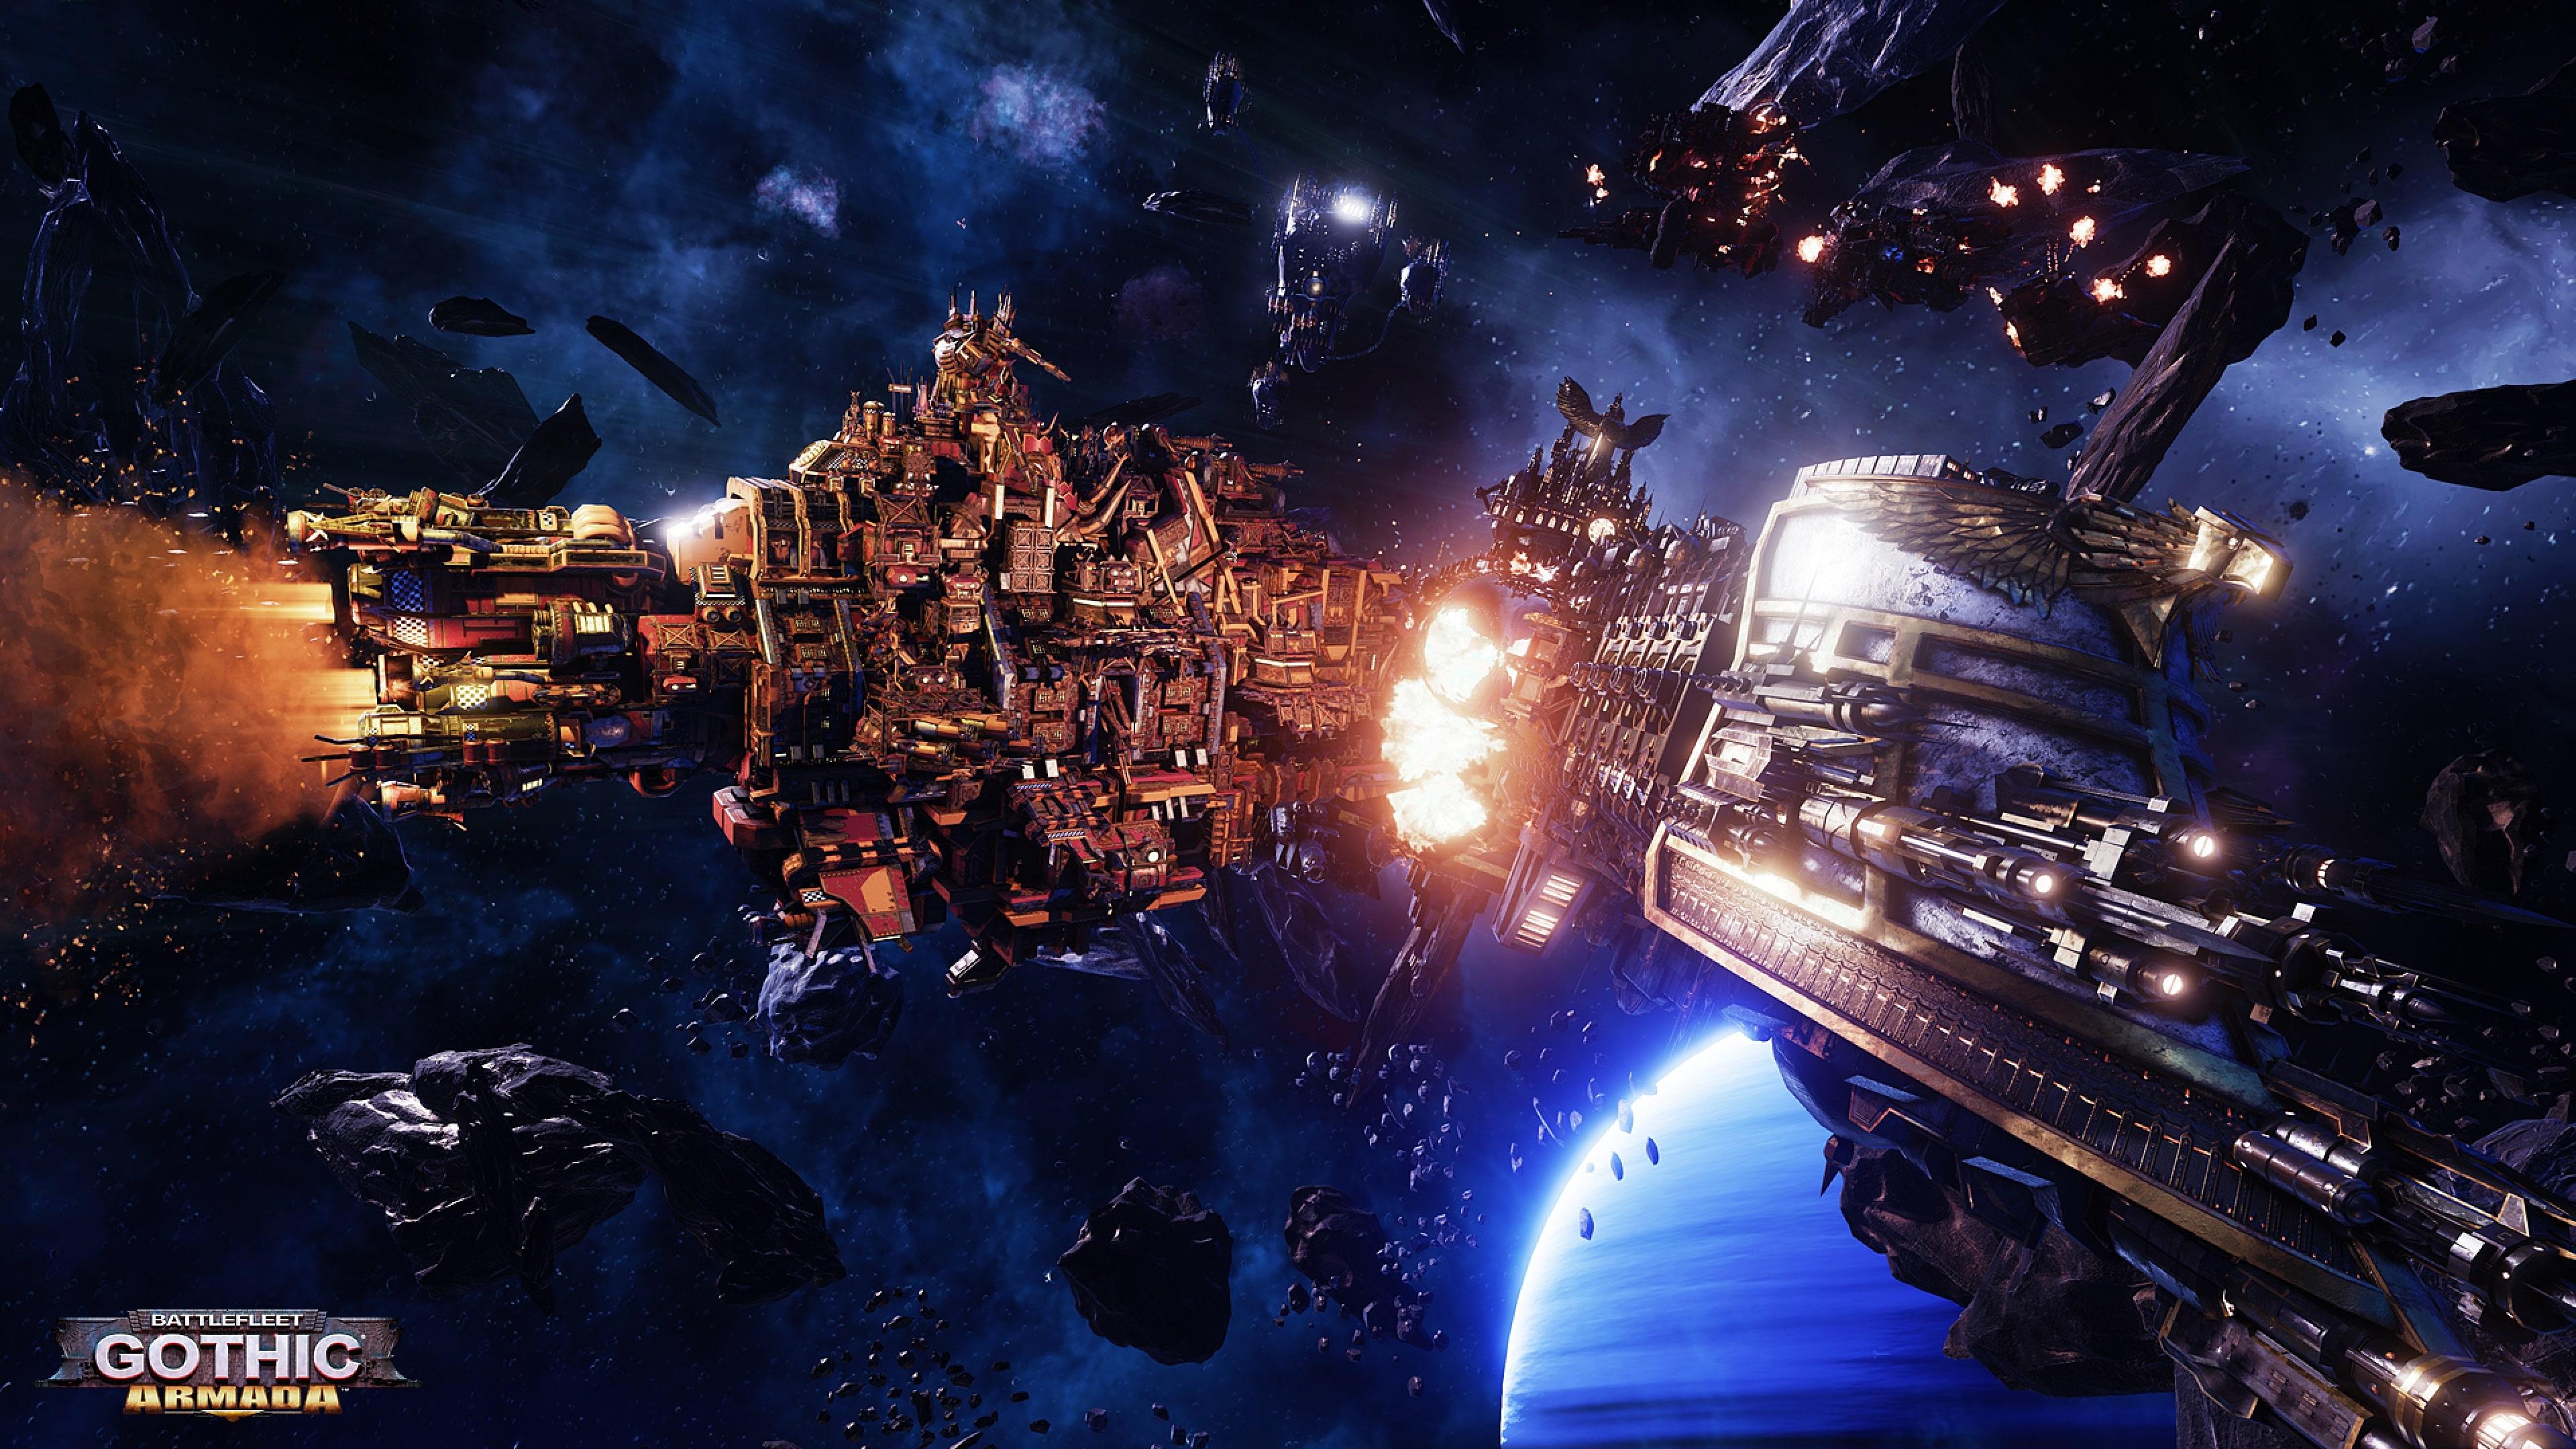 Battlefleet Gothic: Armada Pictures